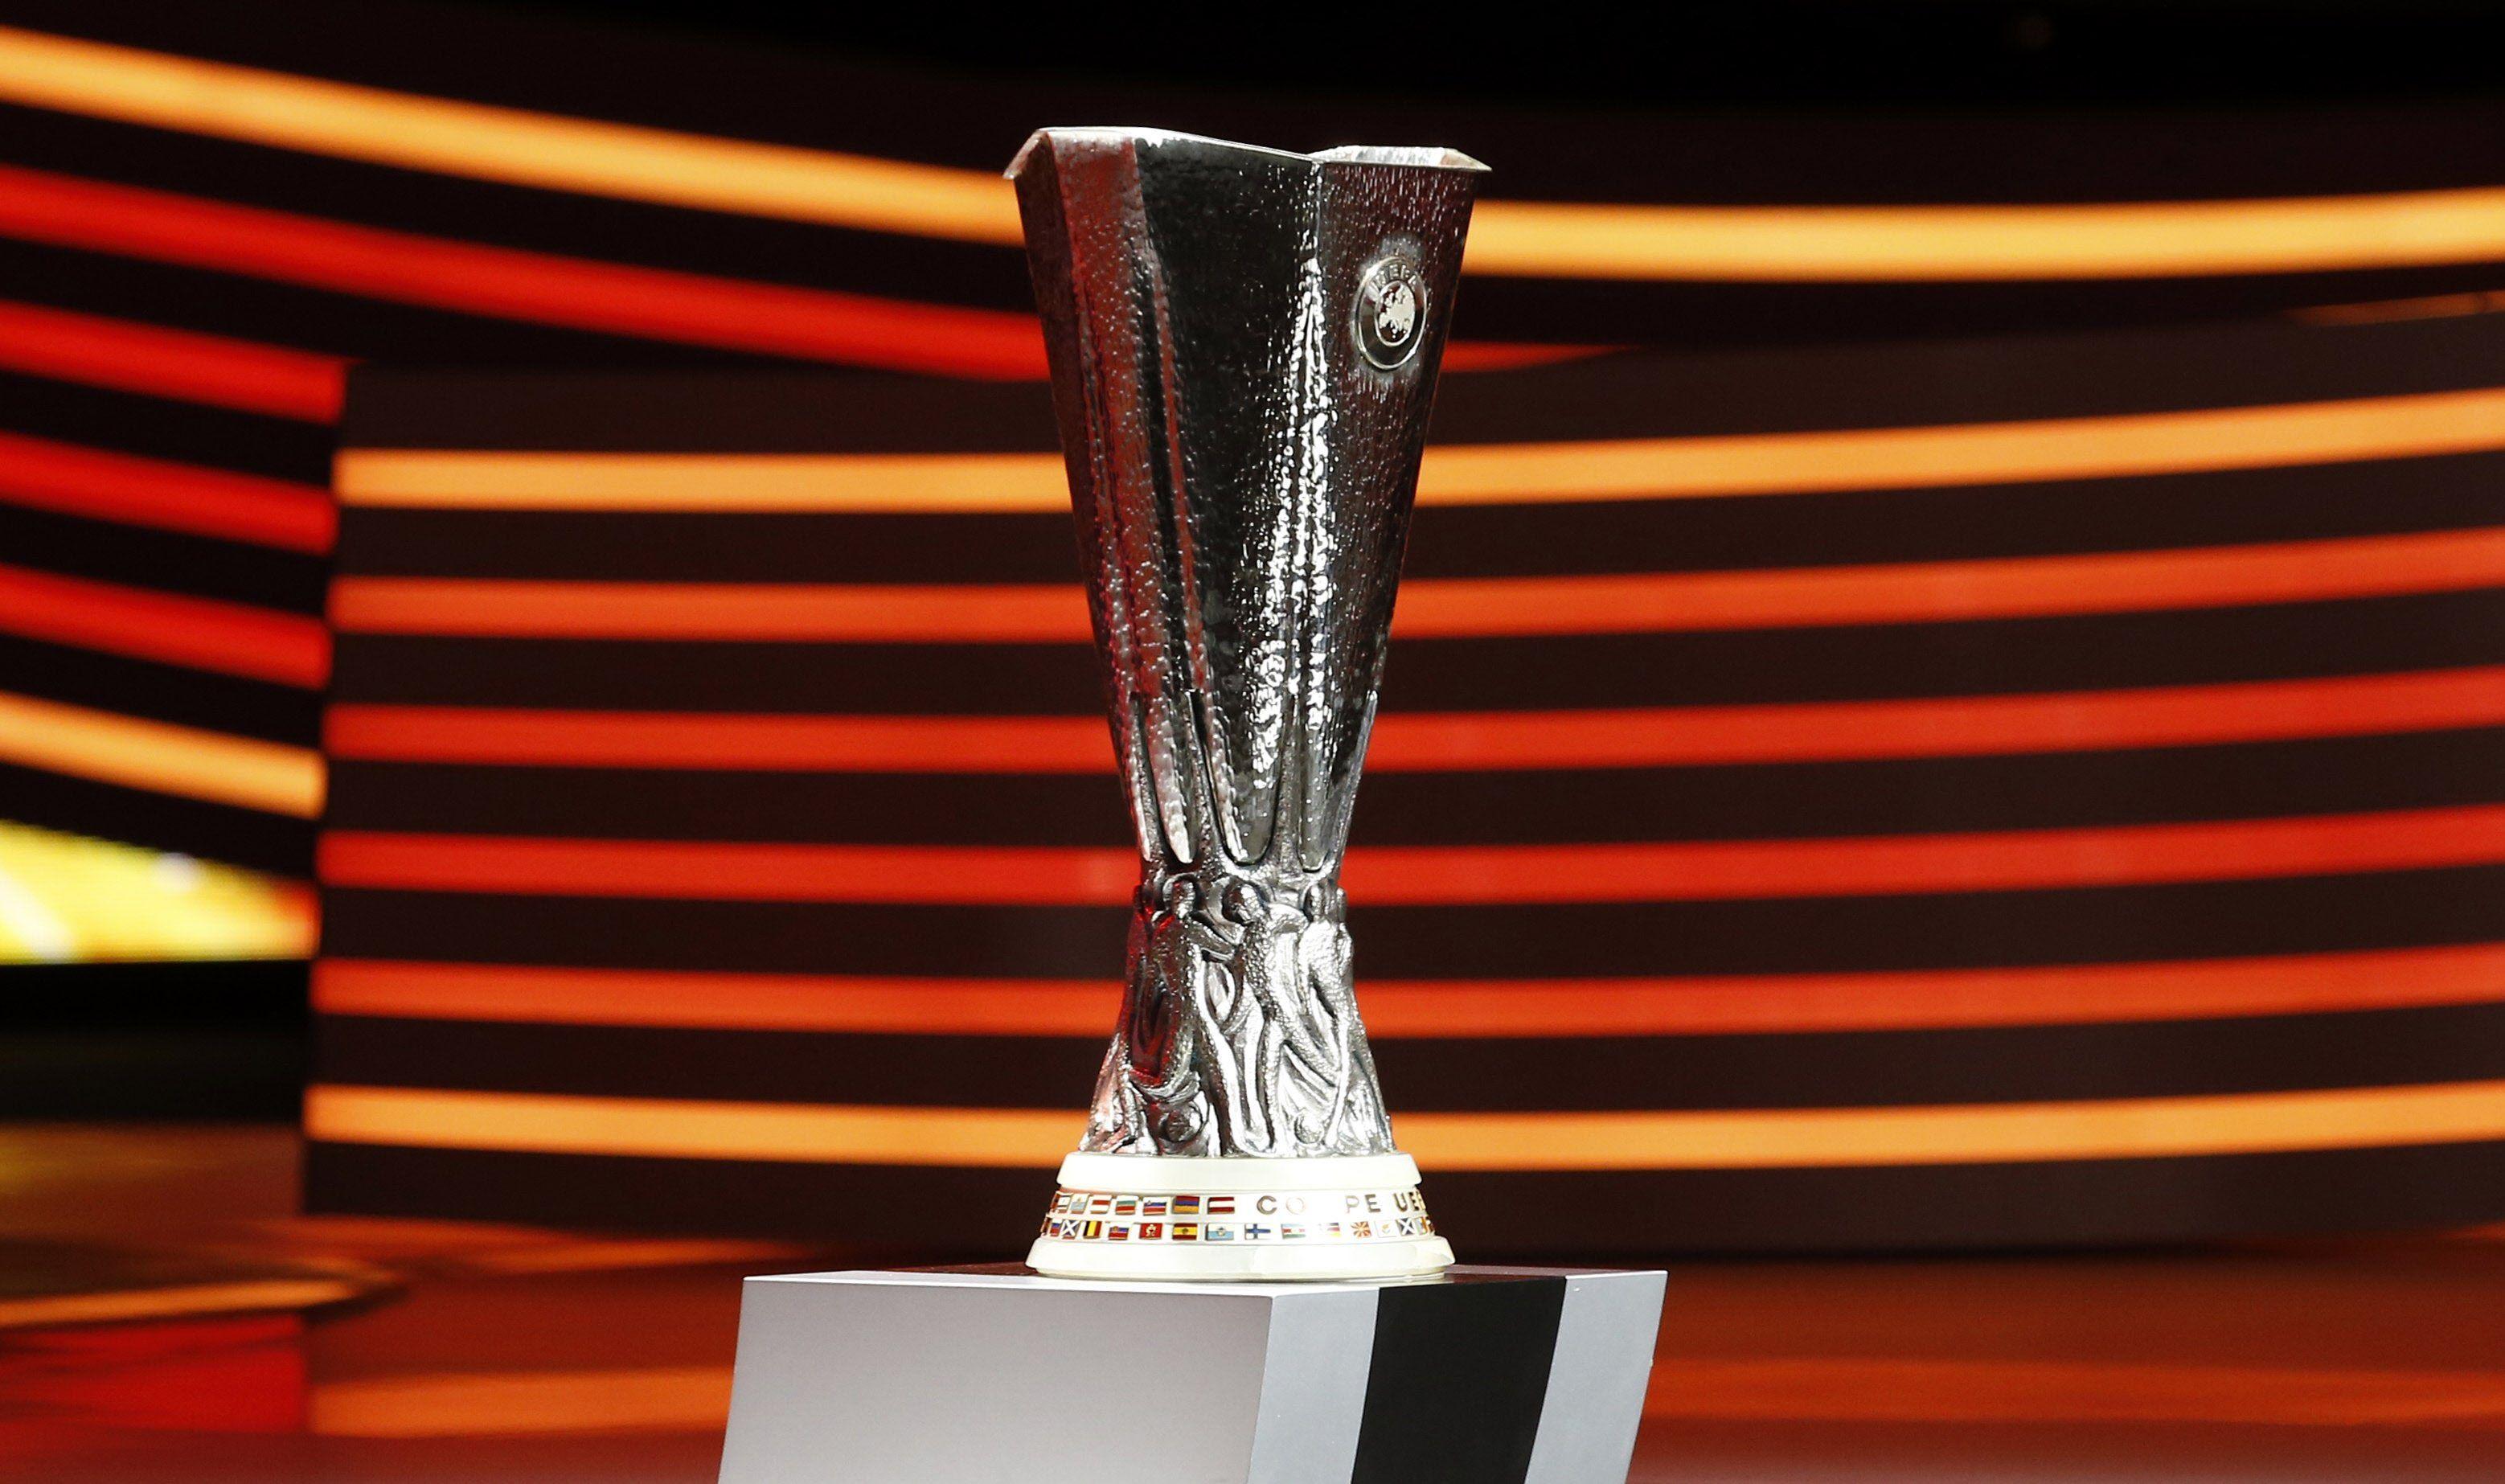 ¿Cuál es el equipo que más veces ha ganado esta competición?